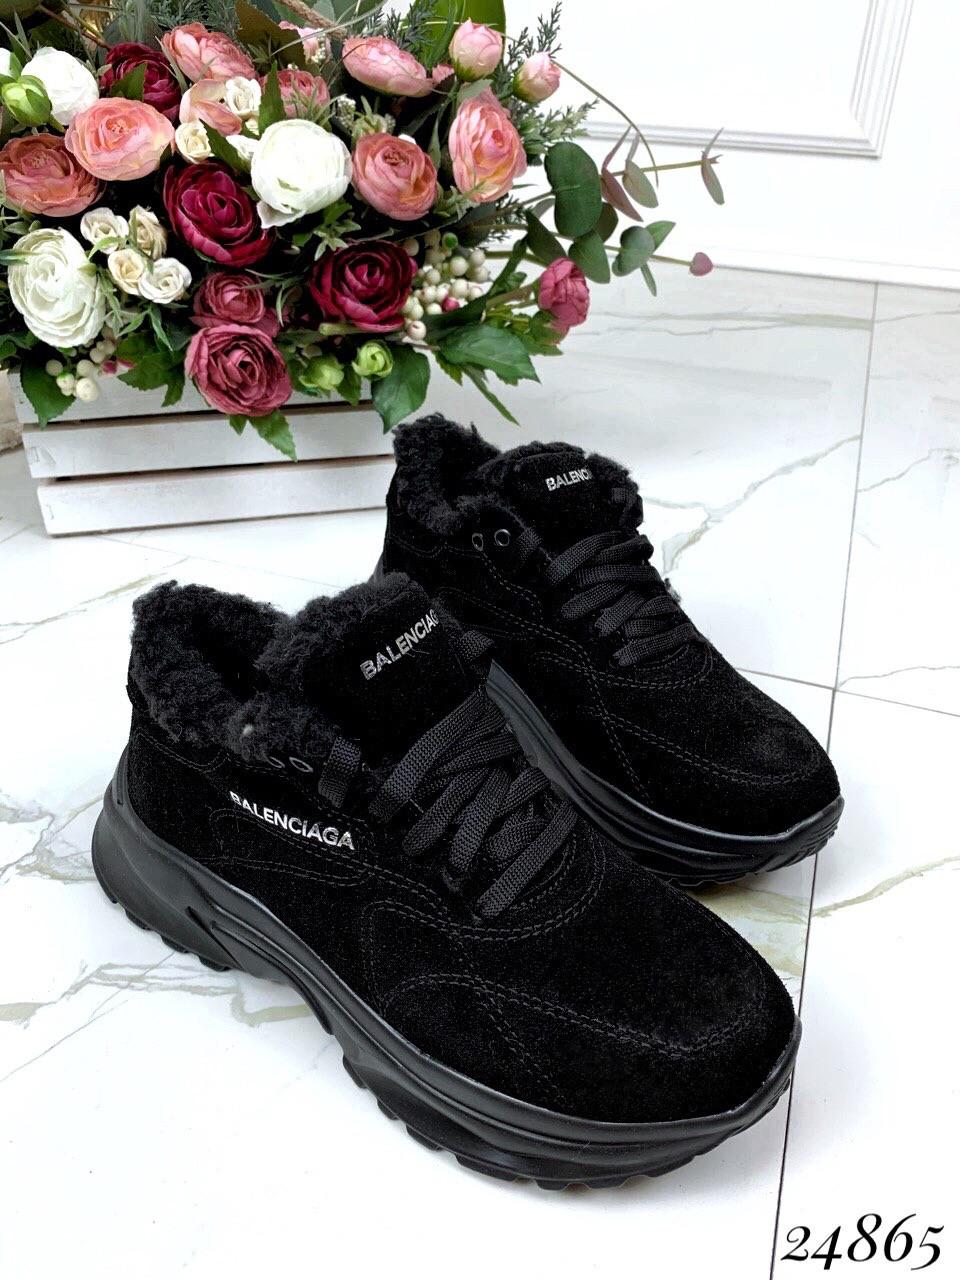 Зимние замшевые кроссовки Balenciaga аналог